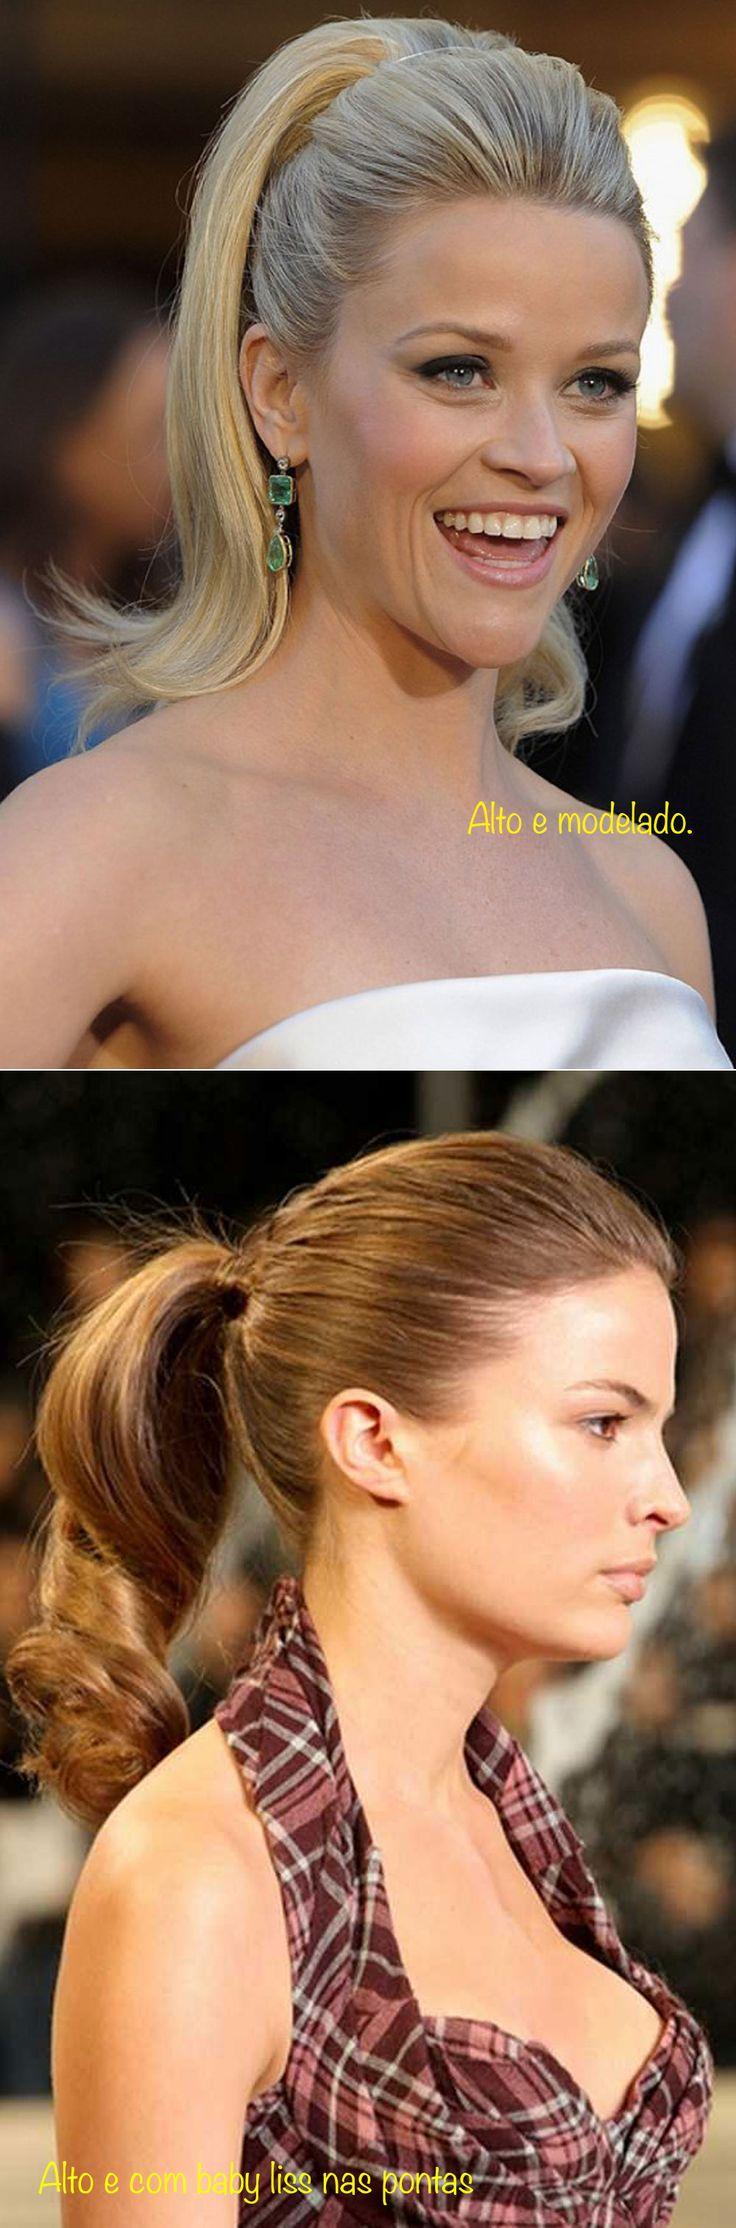 Penteado alto